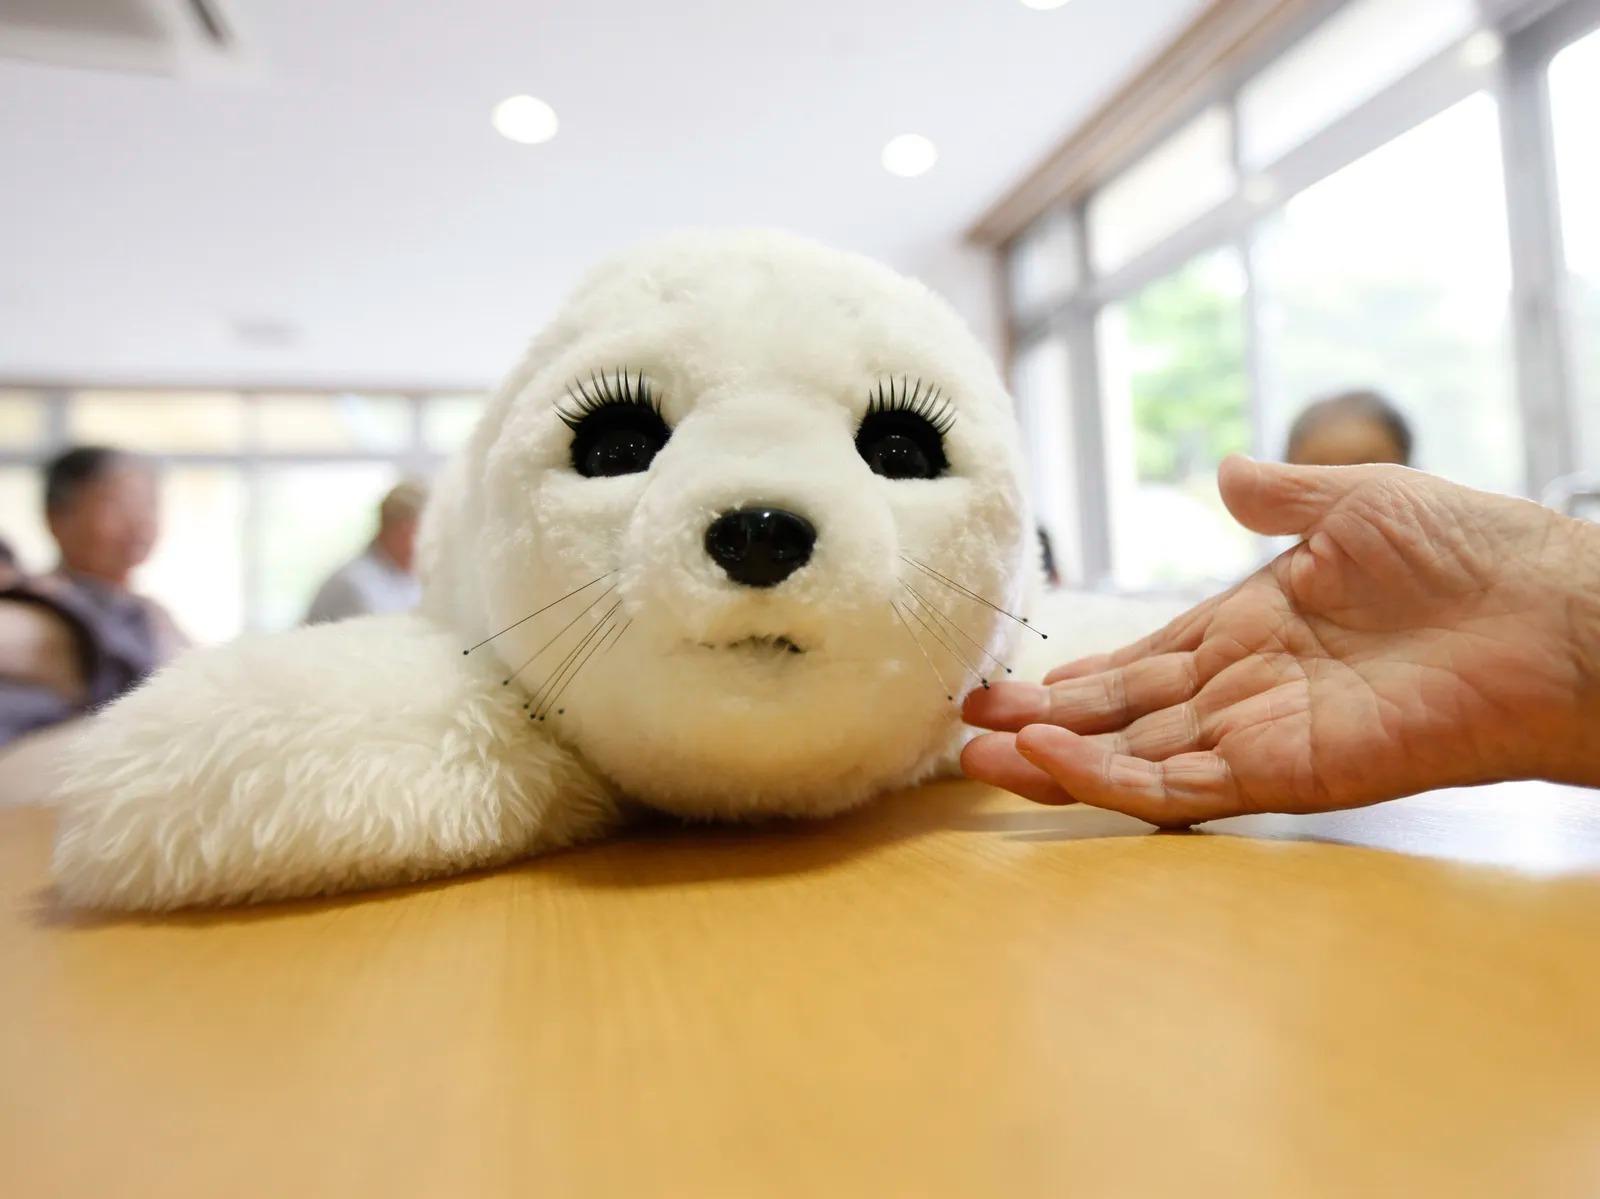 「触れ合えない時代」のいま、コンパニオンロボットが注目されている(WIRED.jp) - Yahoo!ニュース